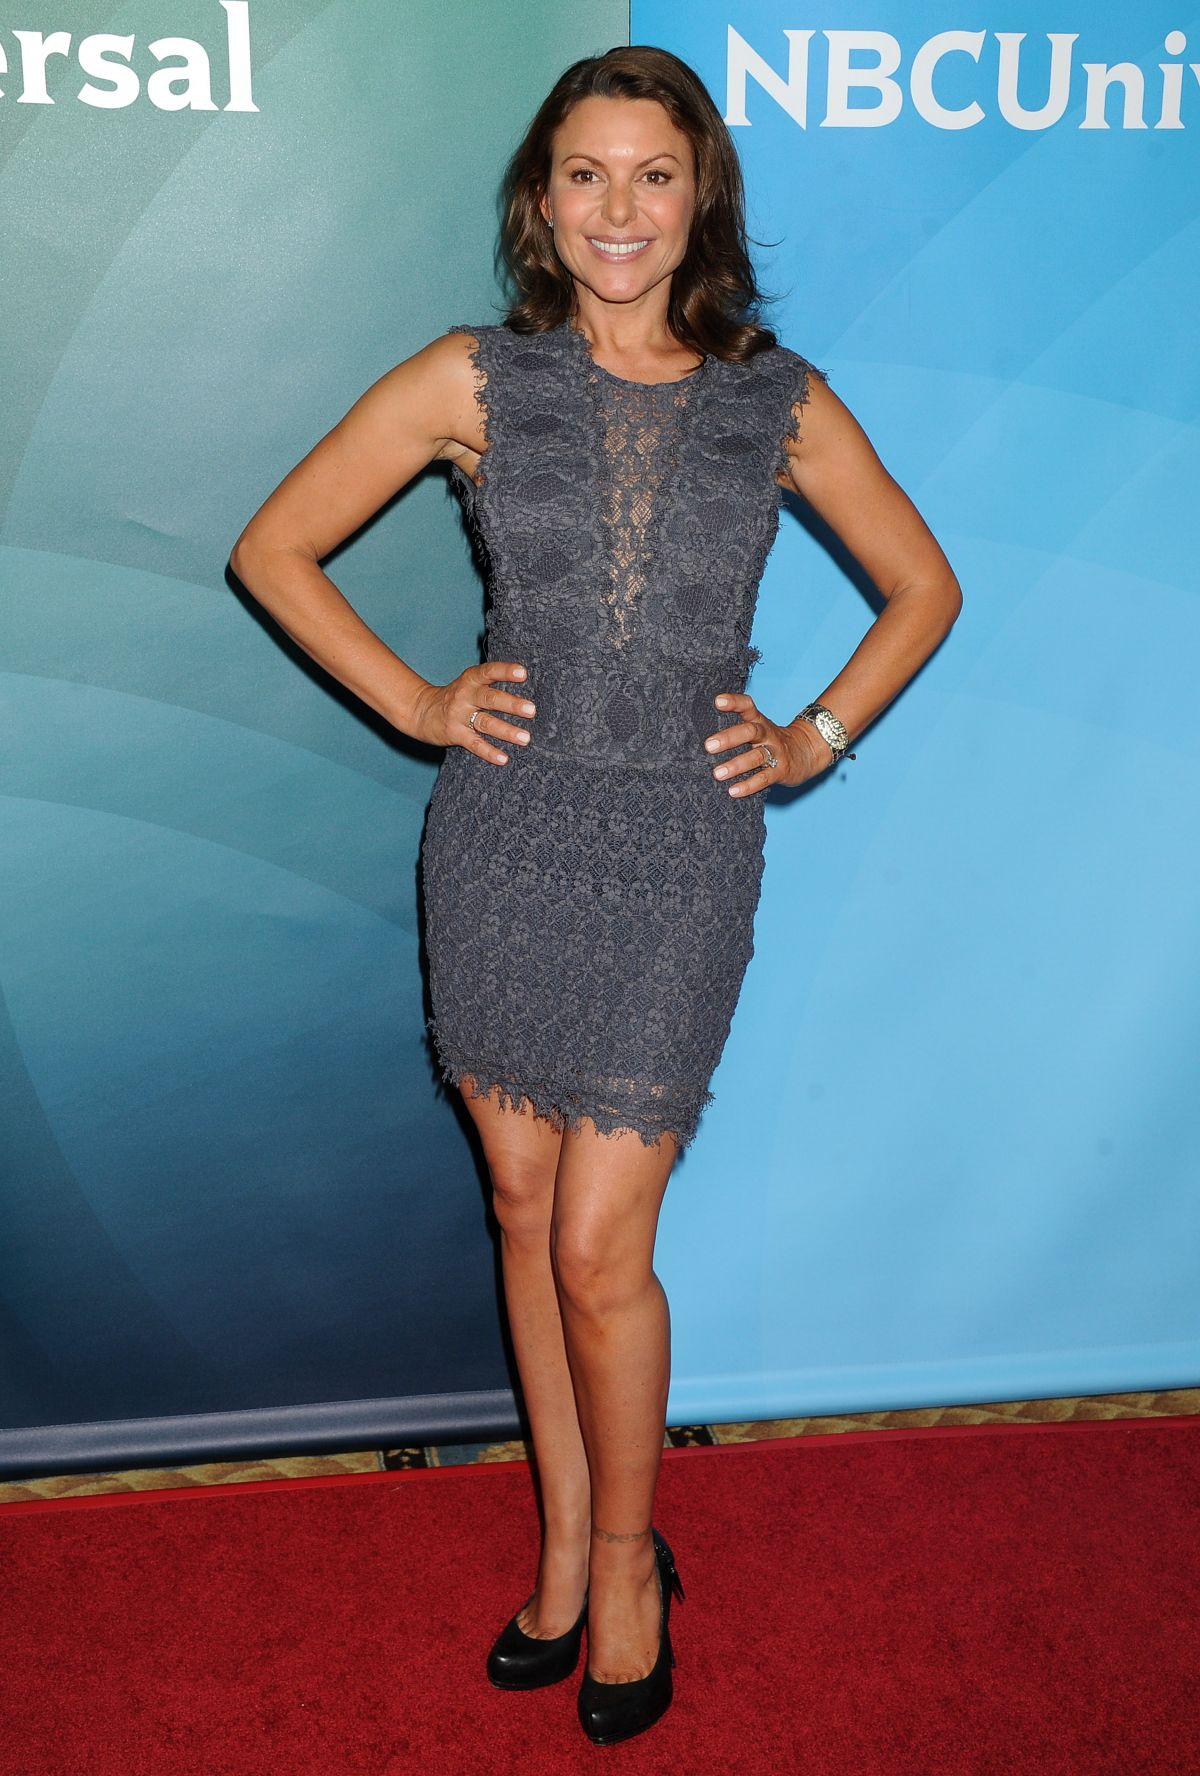 KARI WUHRER at NBC Universal Summer Press Day